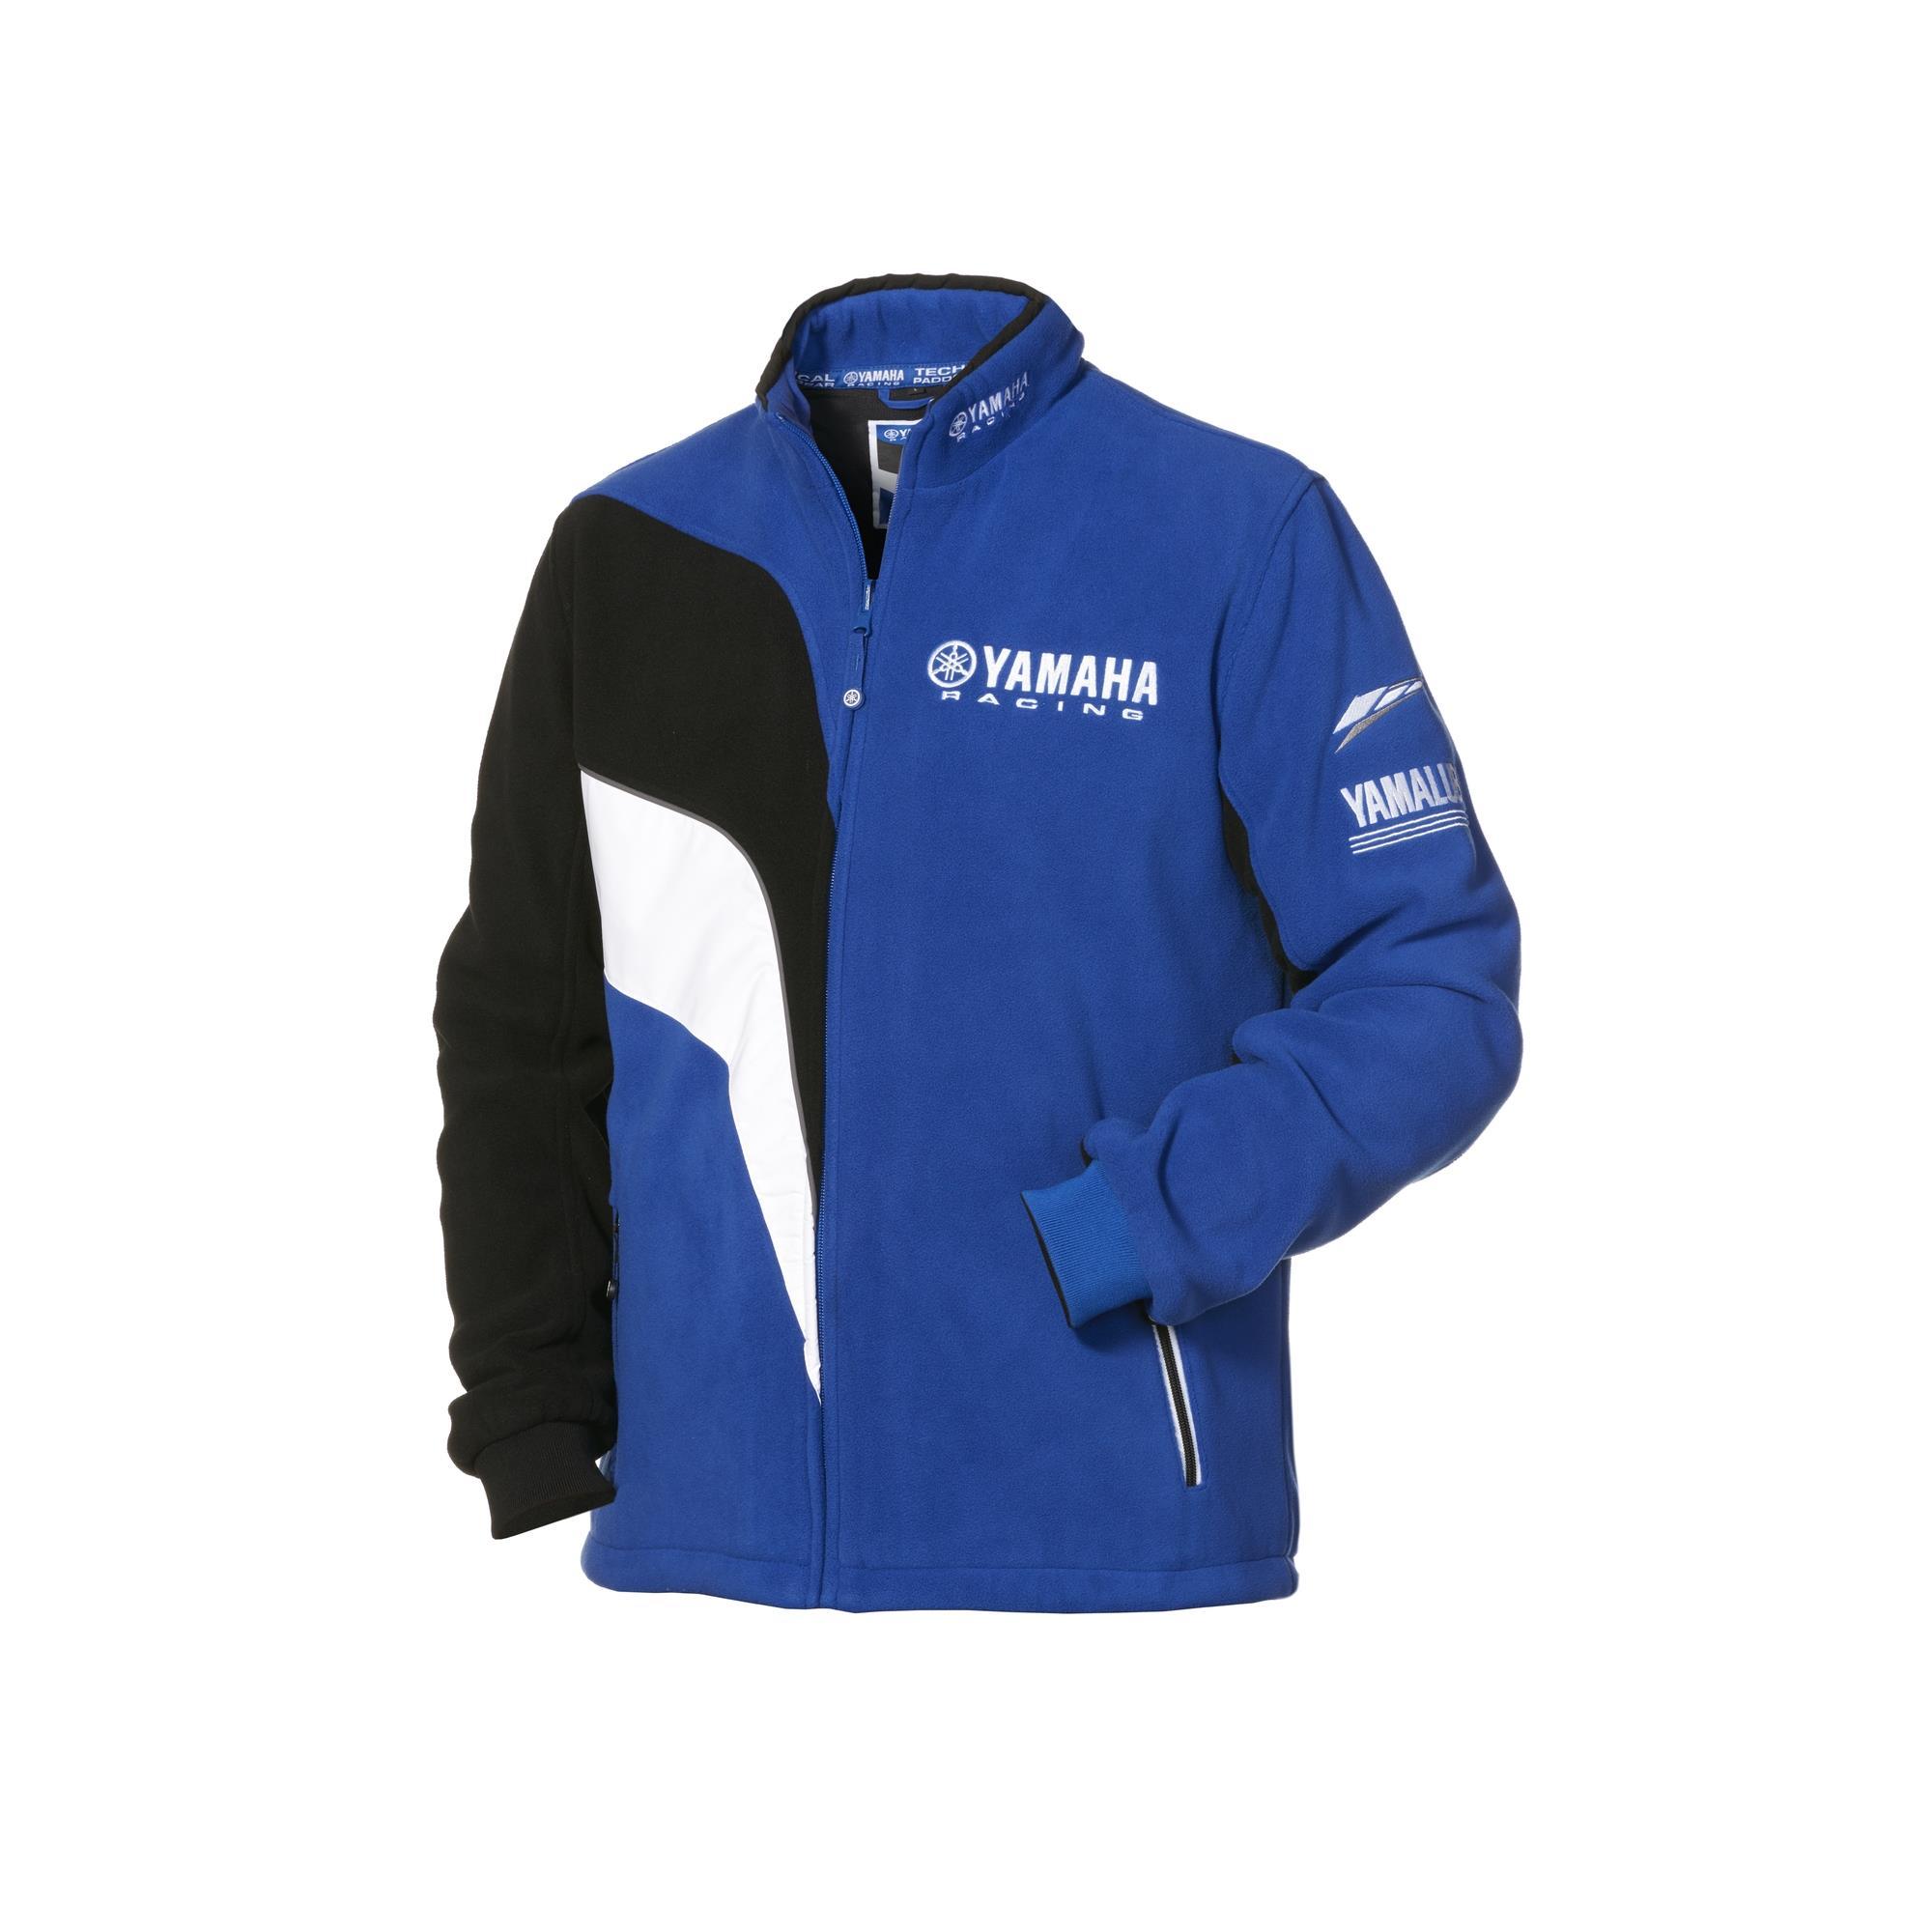 Yamaha Paddock Fleece Jacket